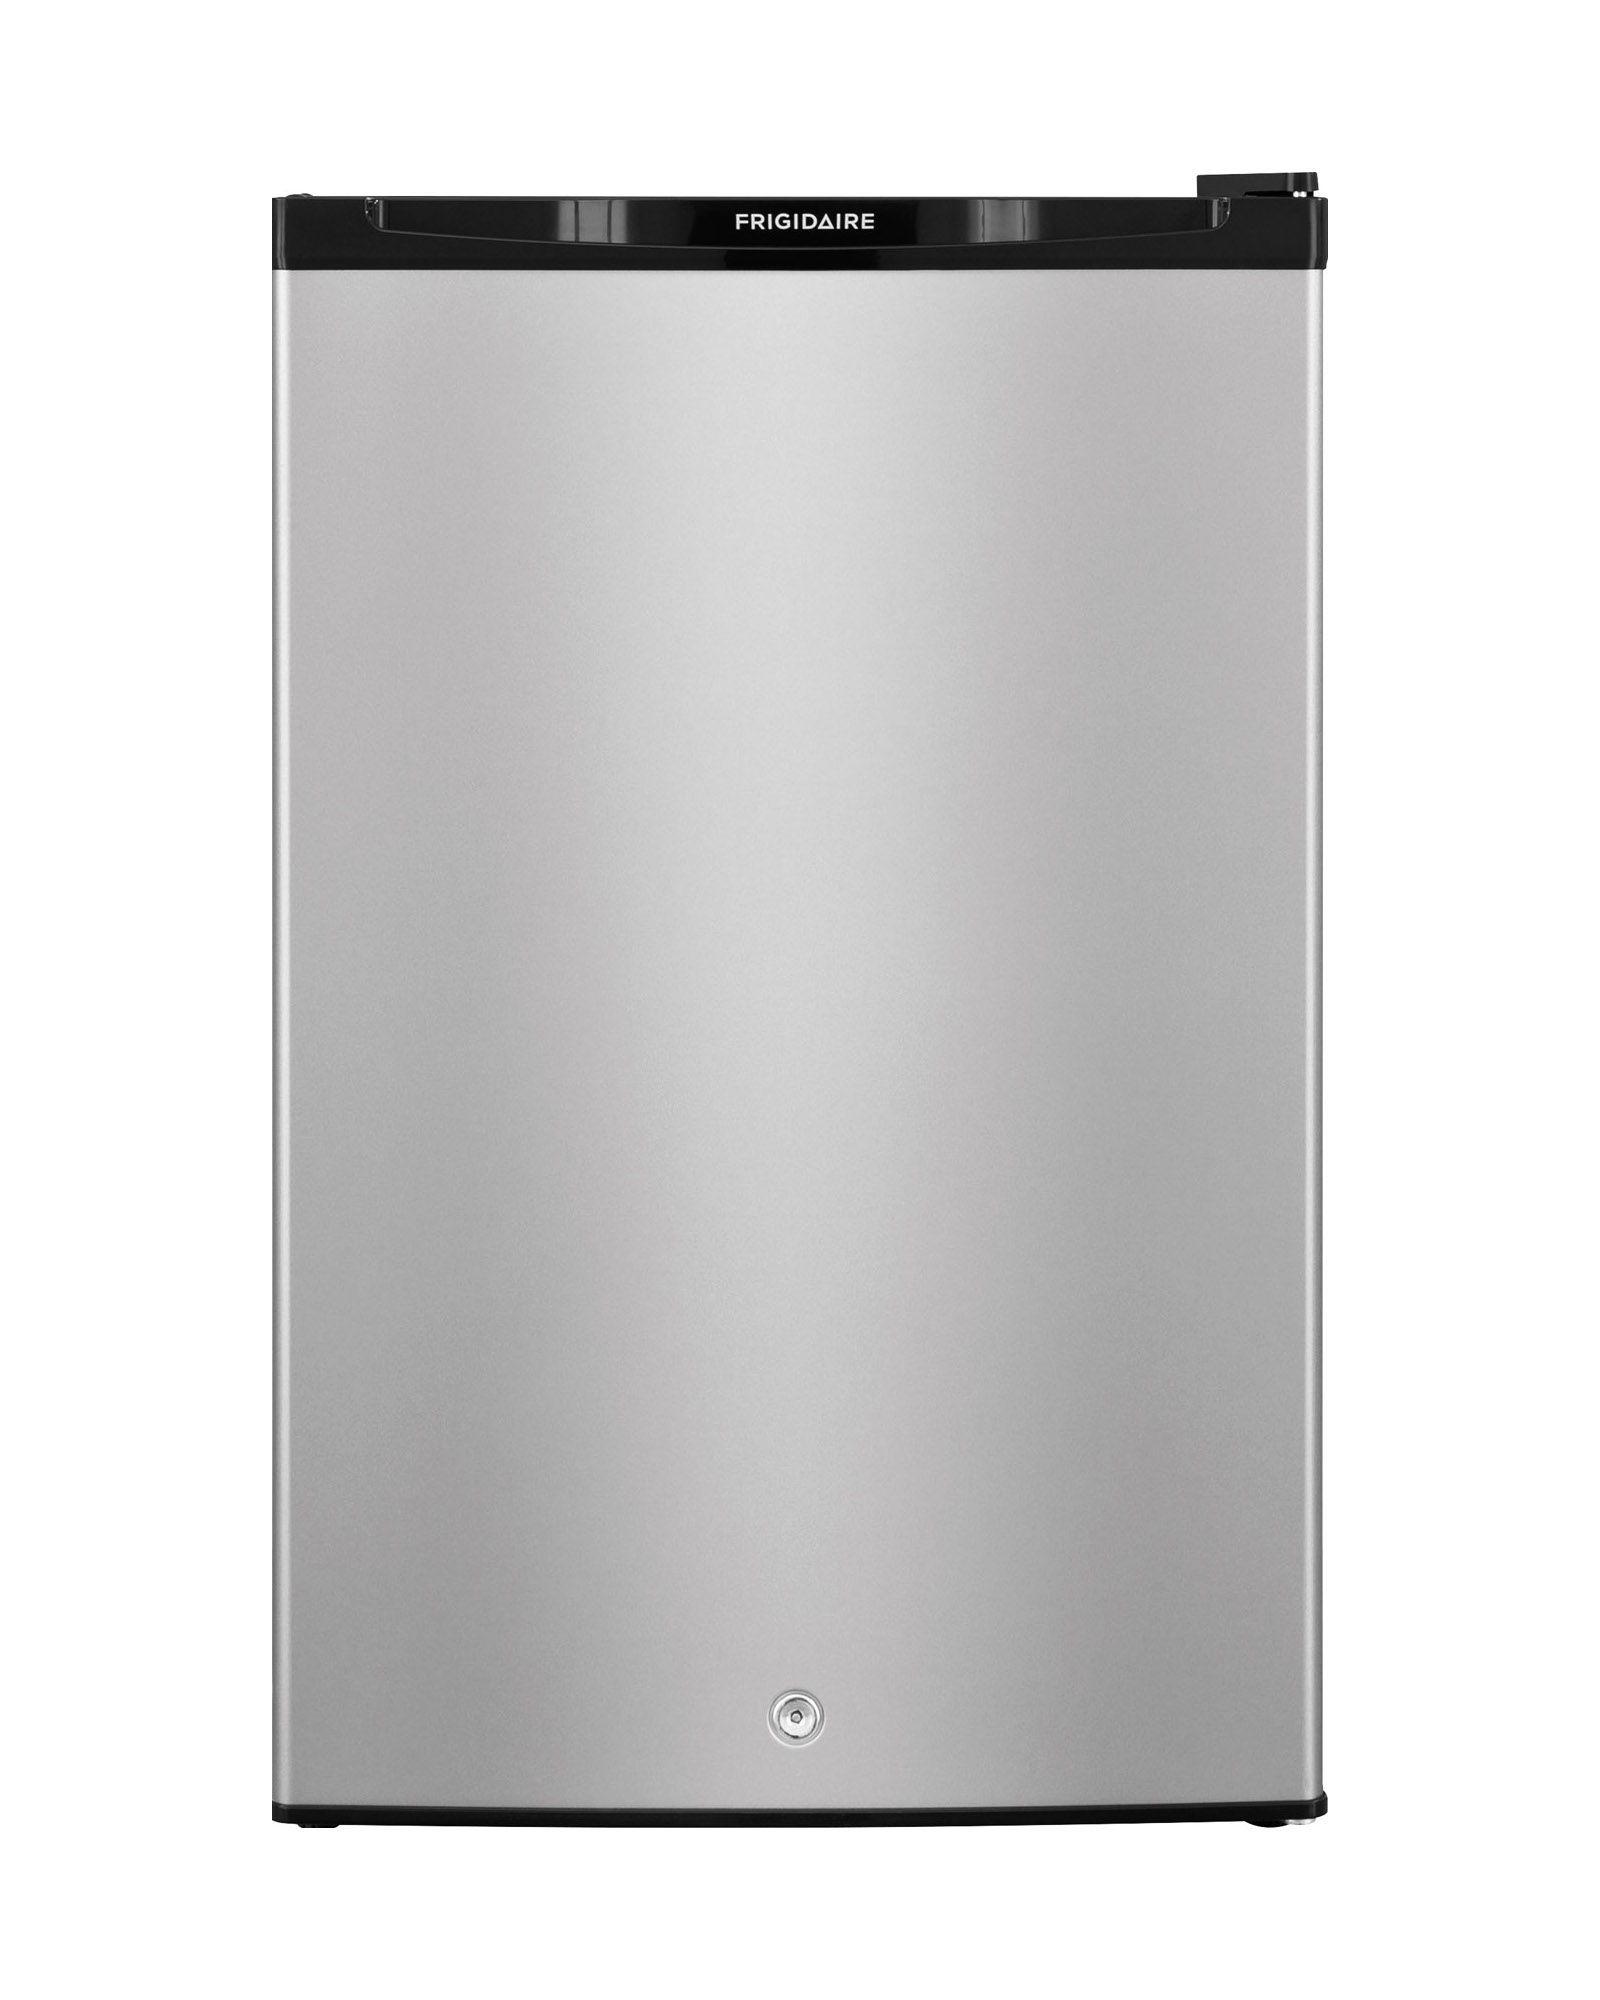 Frigidaire Ffpe4522qm 4 5 Cu Ft Compact Refrigerator Silver